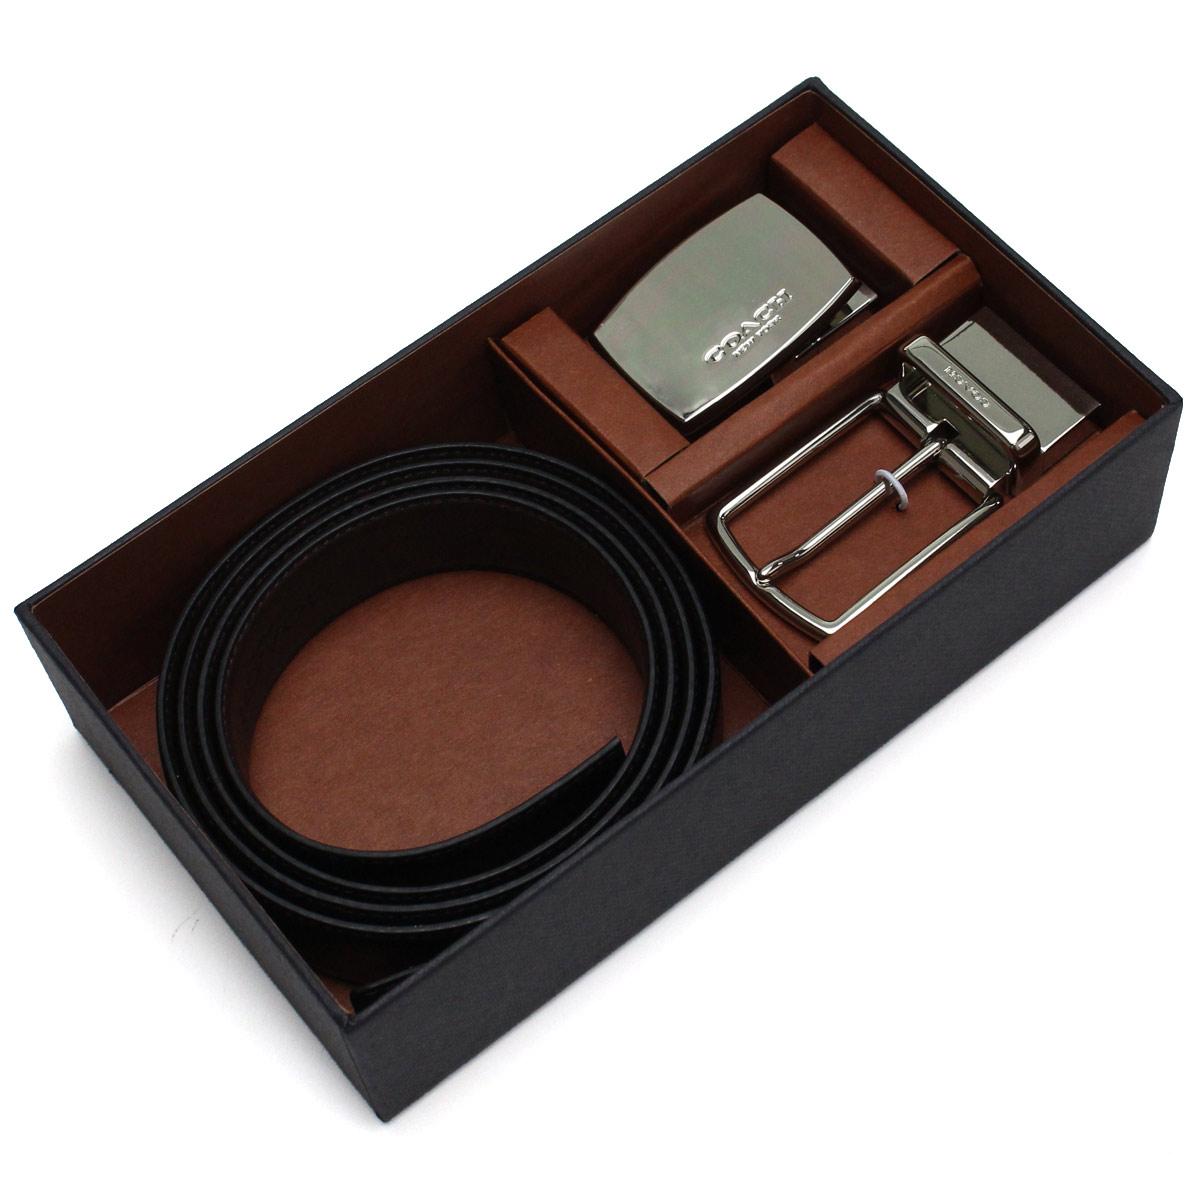 コーチ COACH メンズベルト バックル2個 ギフトセット F65185 AQ0 ブラック ブラウン系 メンズ